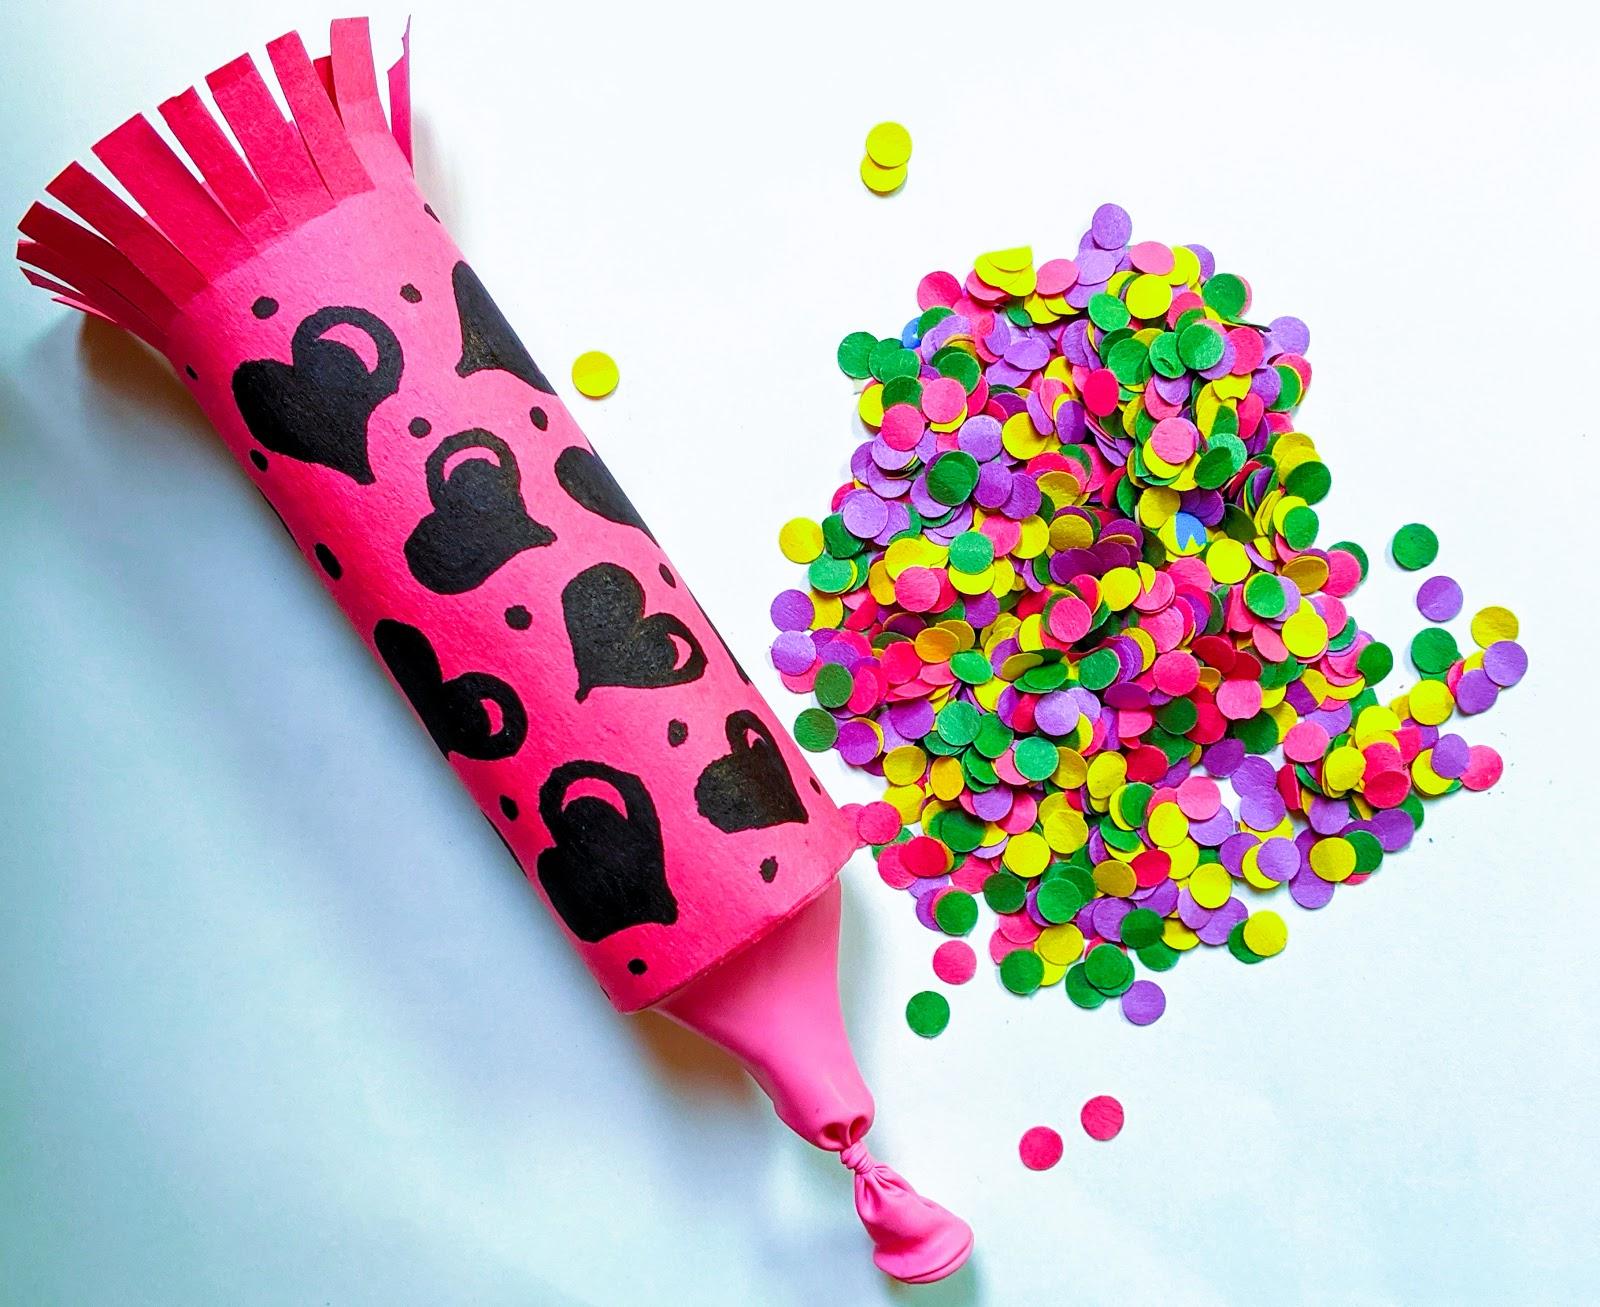 rocket confetti